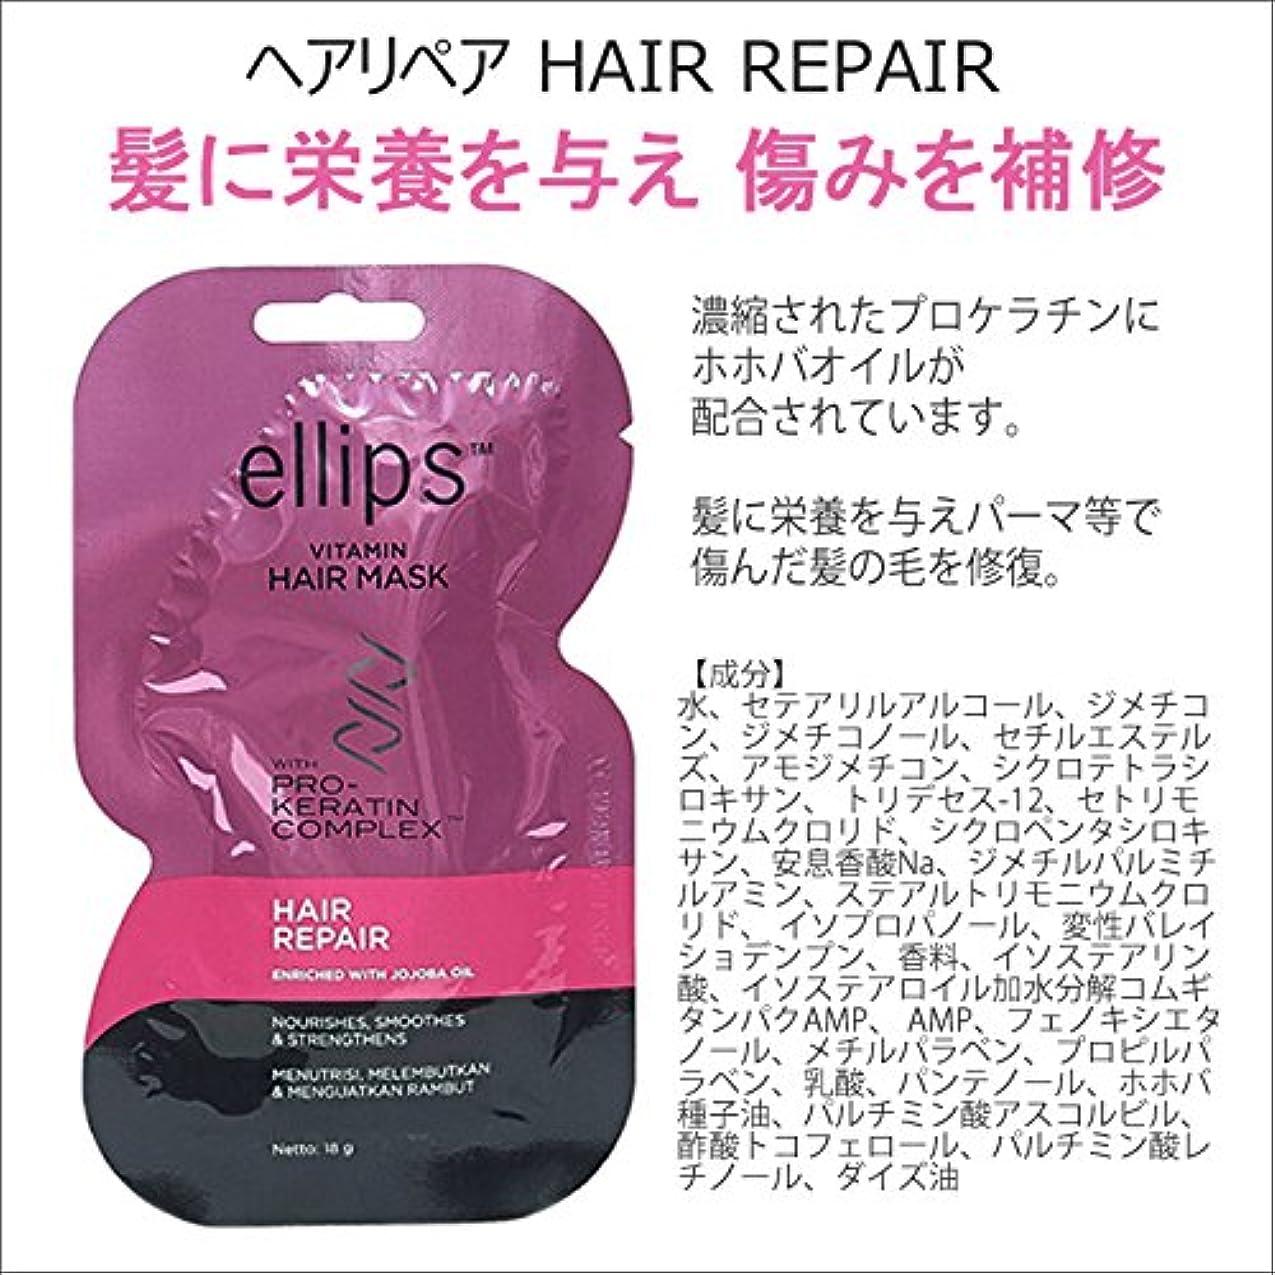 やろうゆりムスellips(エリップス) PRO KERATIN COMPLEX プロ用 ヘアマスク ヘアパック シートタイプ 洗い流すヘアトリートメント ピンク(ダメージ用)